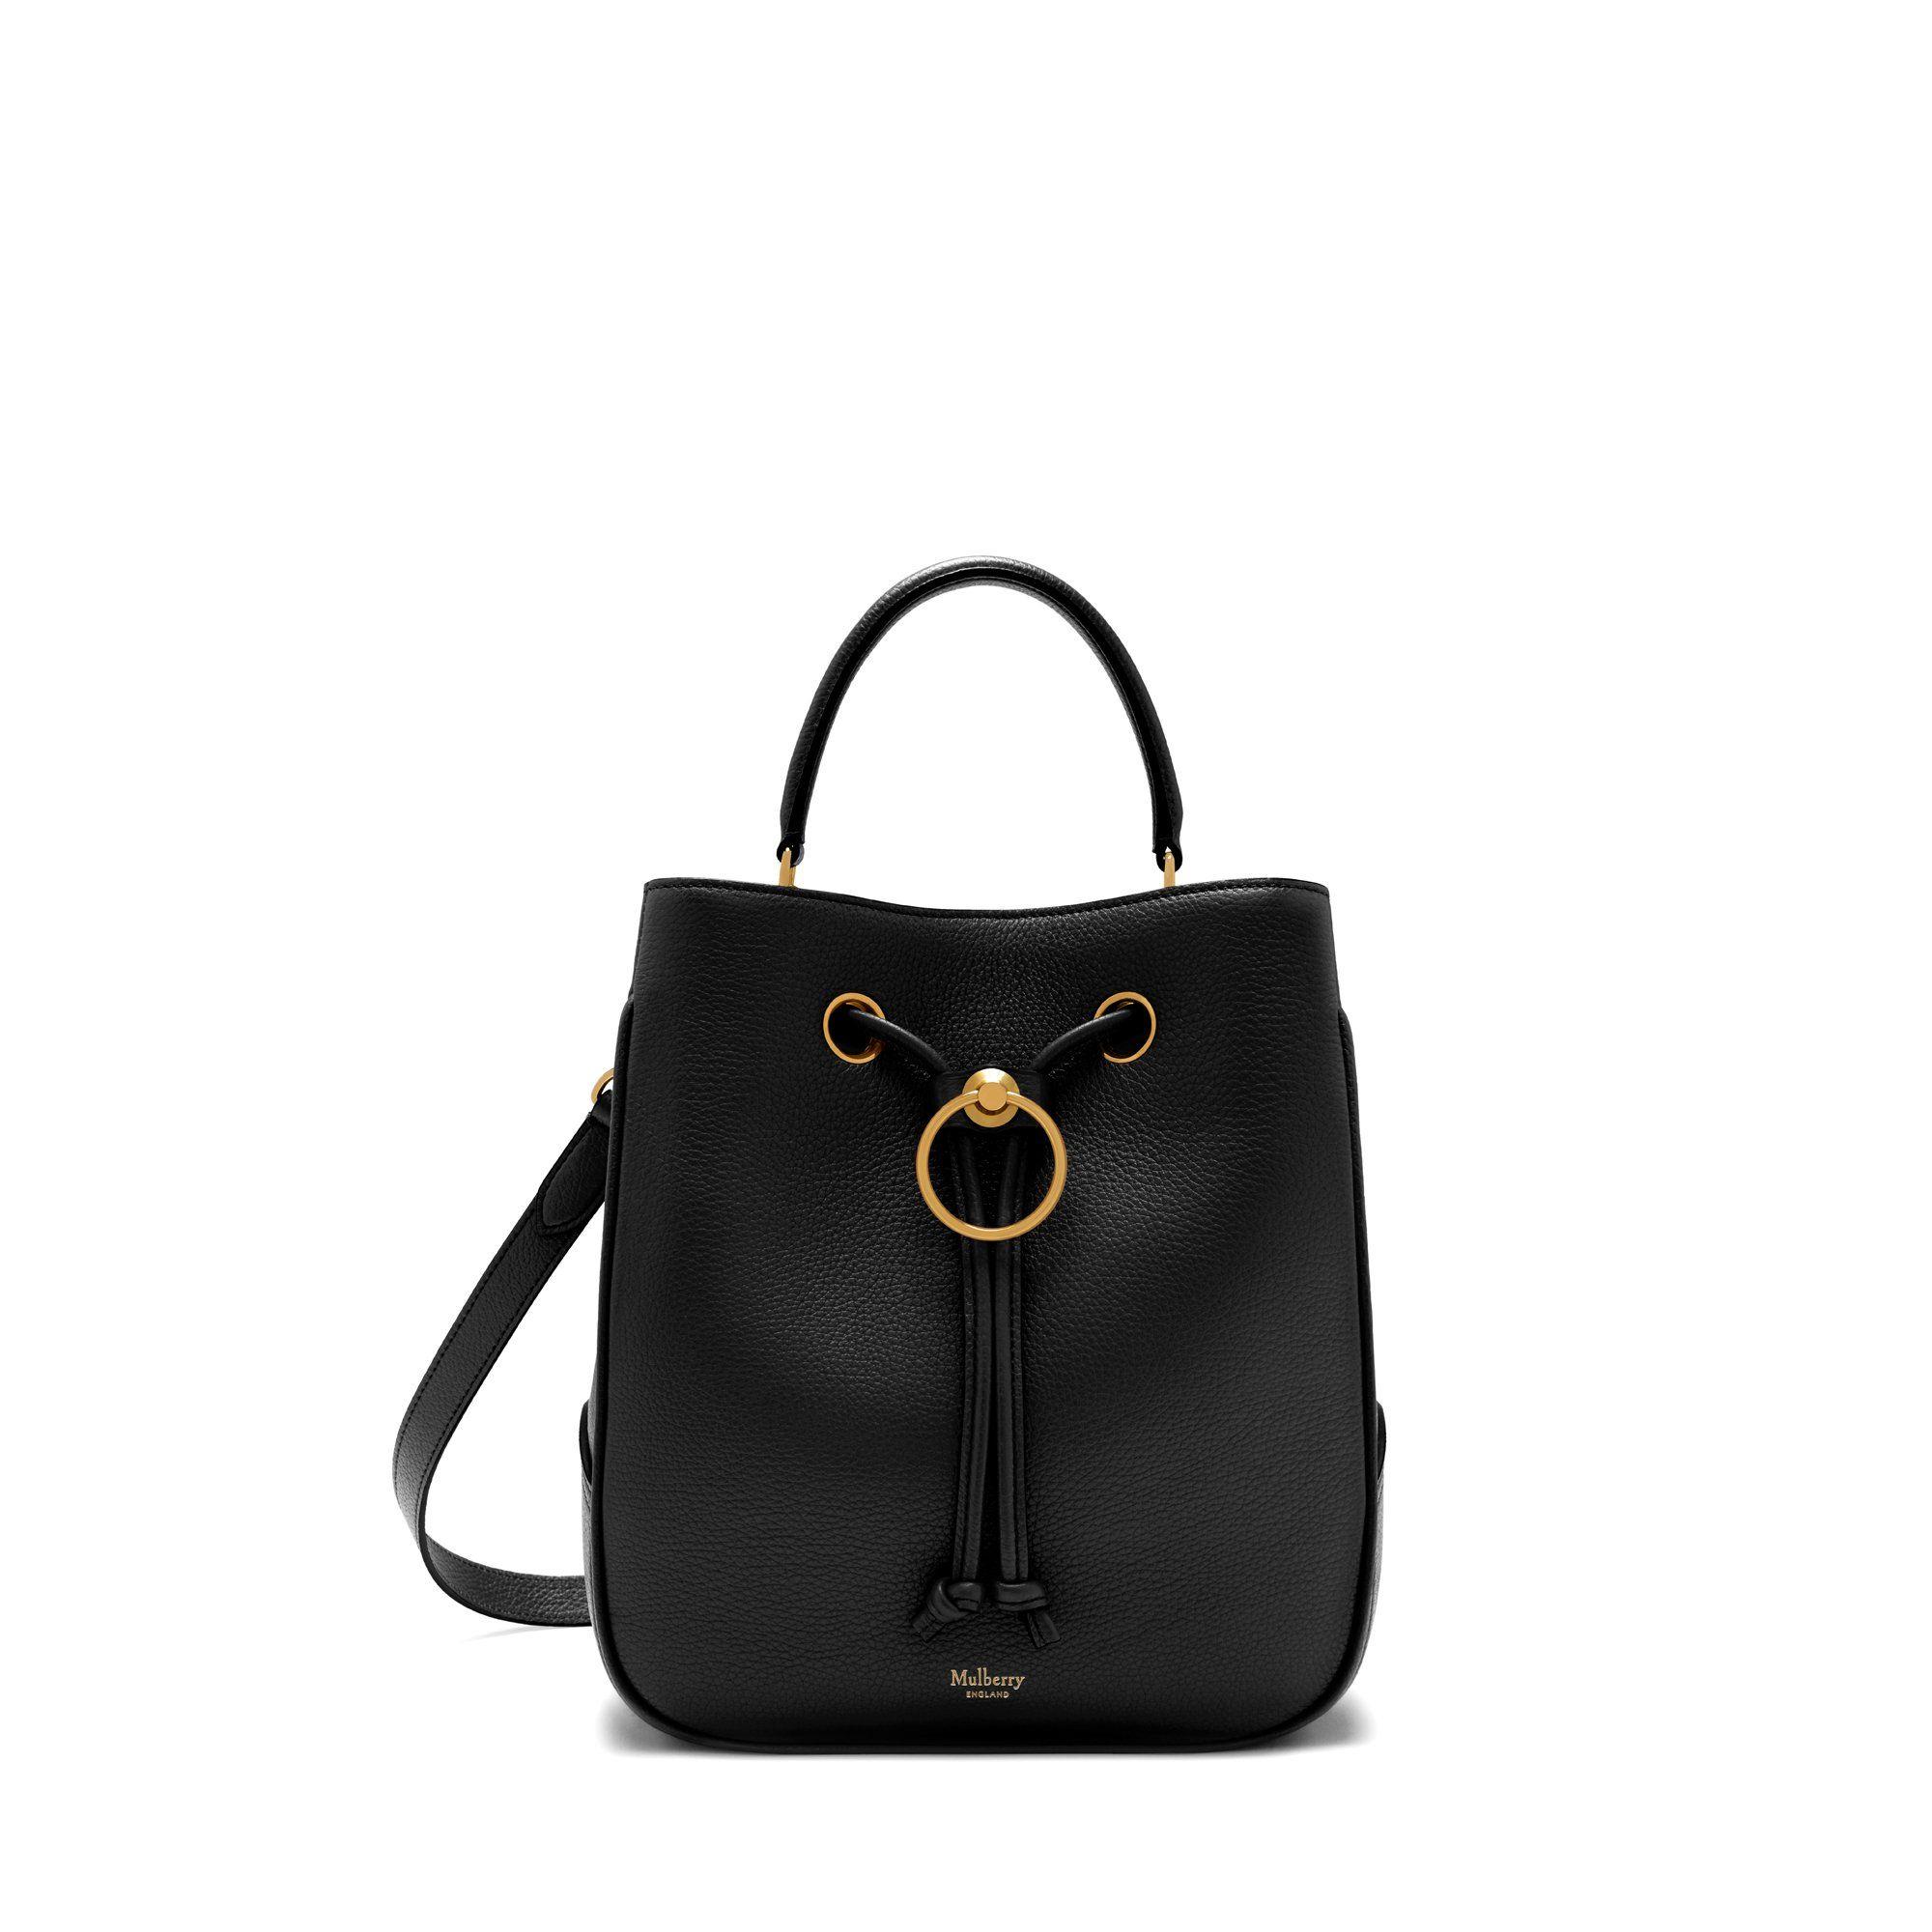 0a87b5e0d2 Women s Bags